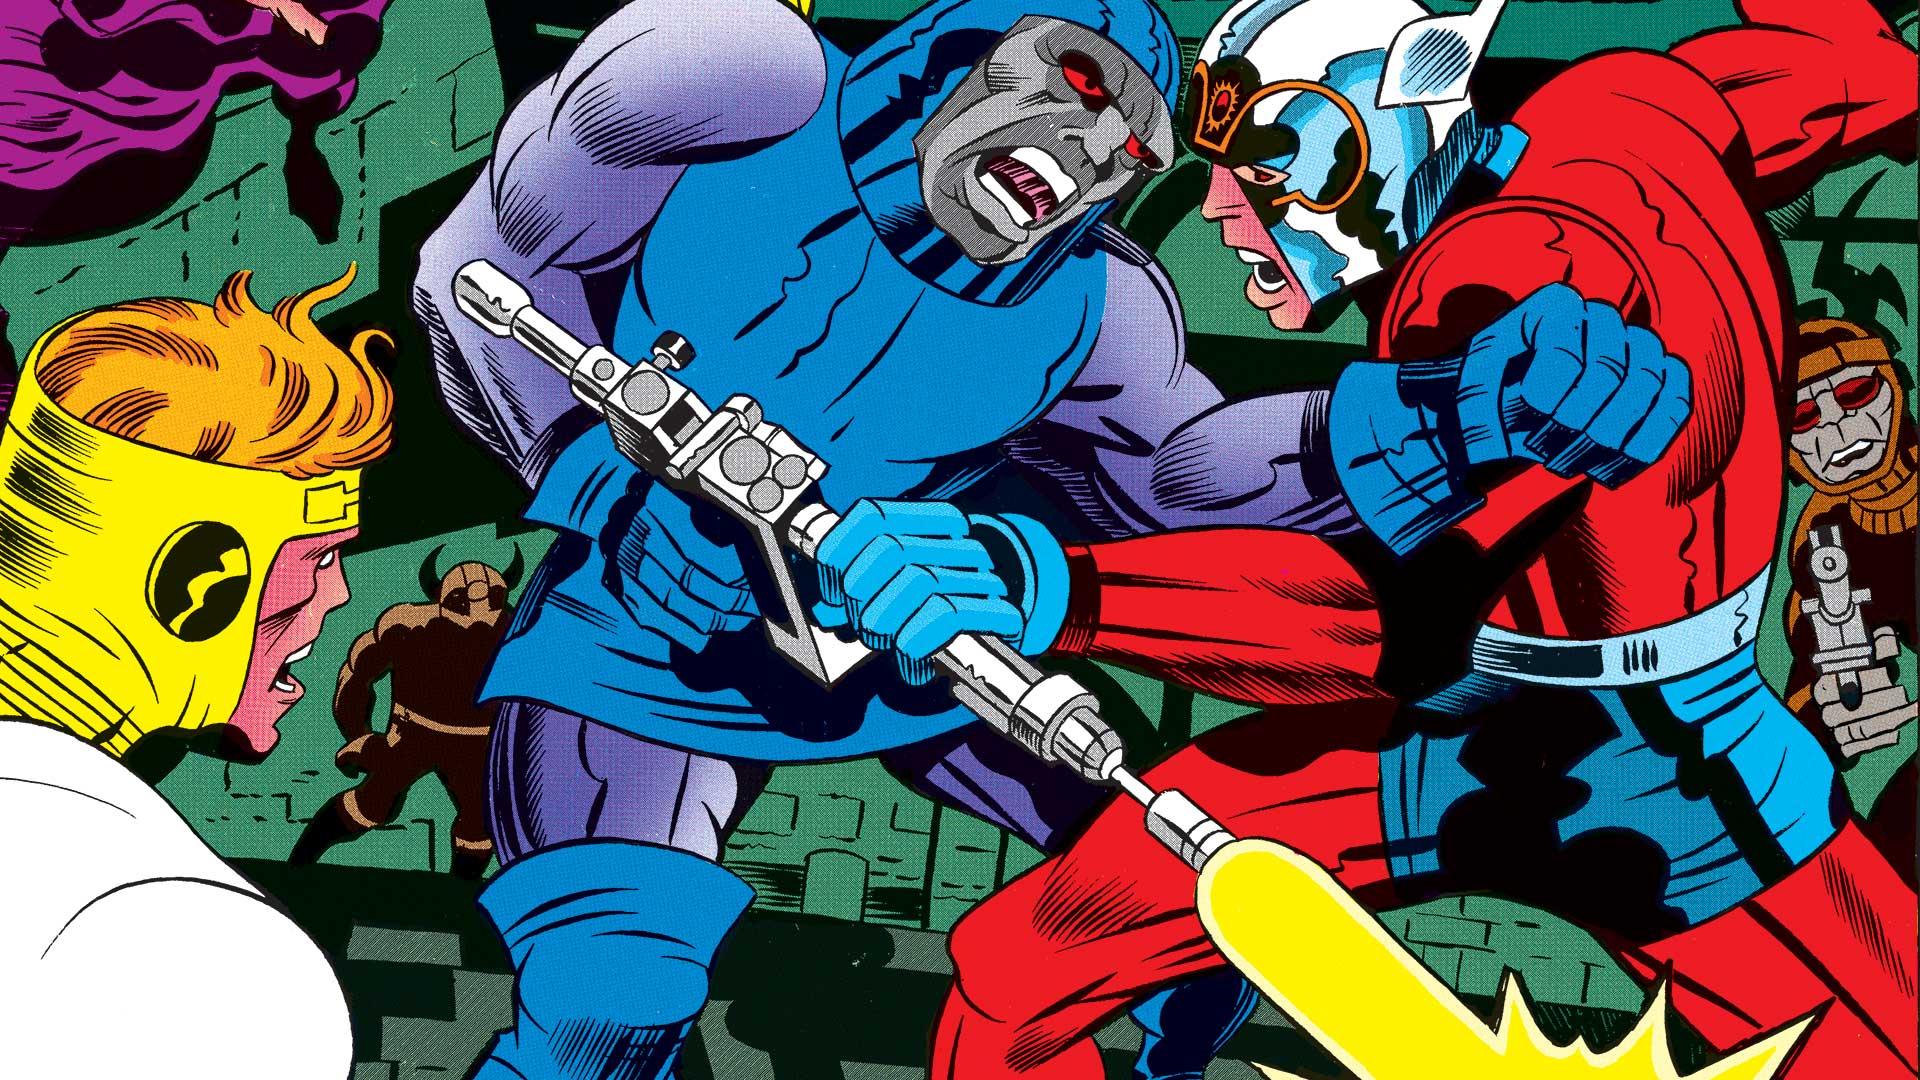 Novos Deuses foi cancelado em parte por conta da presença de Darkseid no Snyder Cut